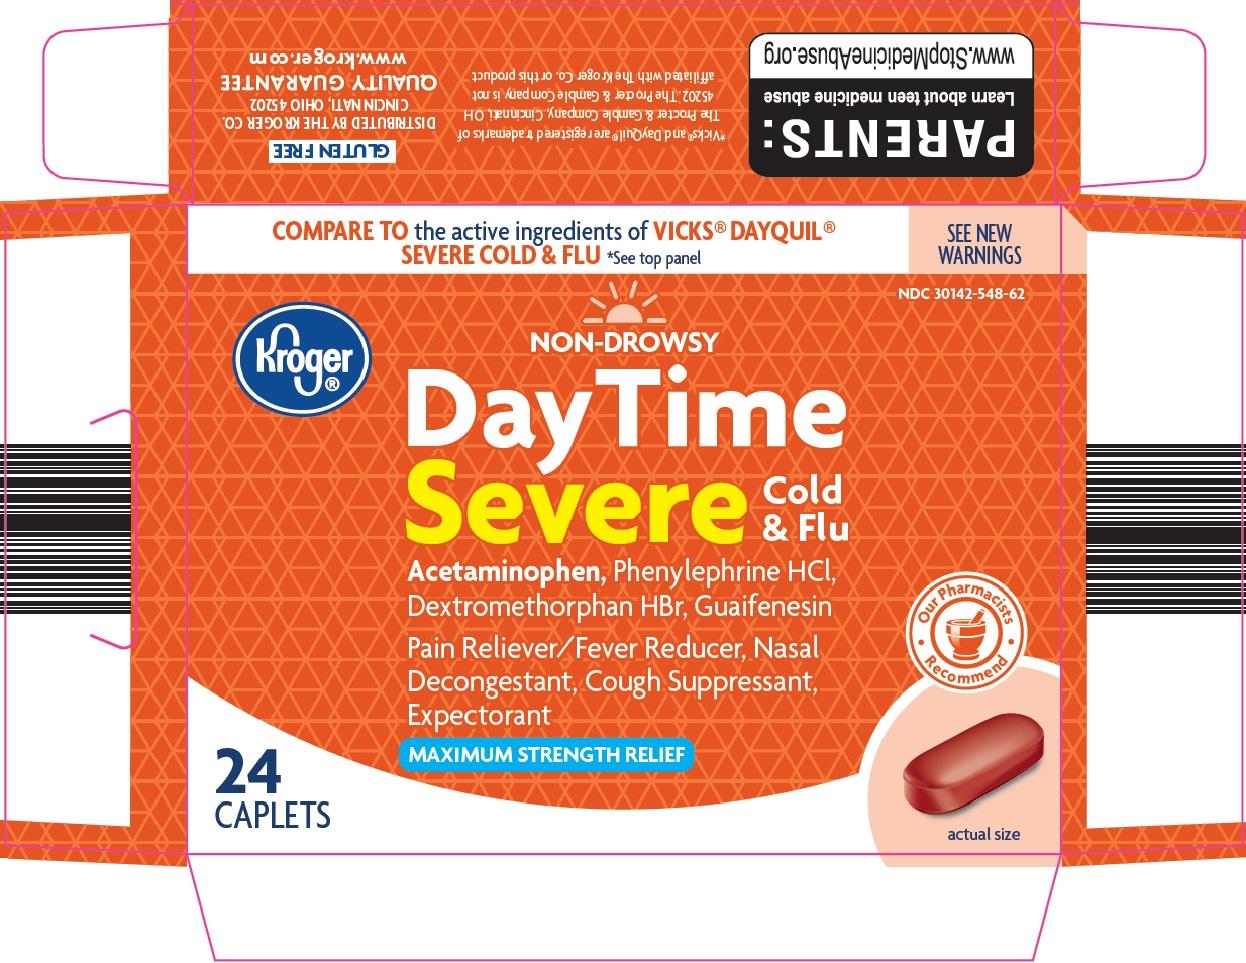 Kroger DayTime Severe Cold & Flu image 1